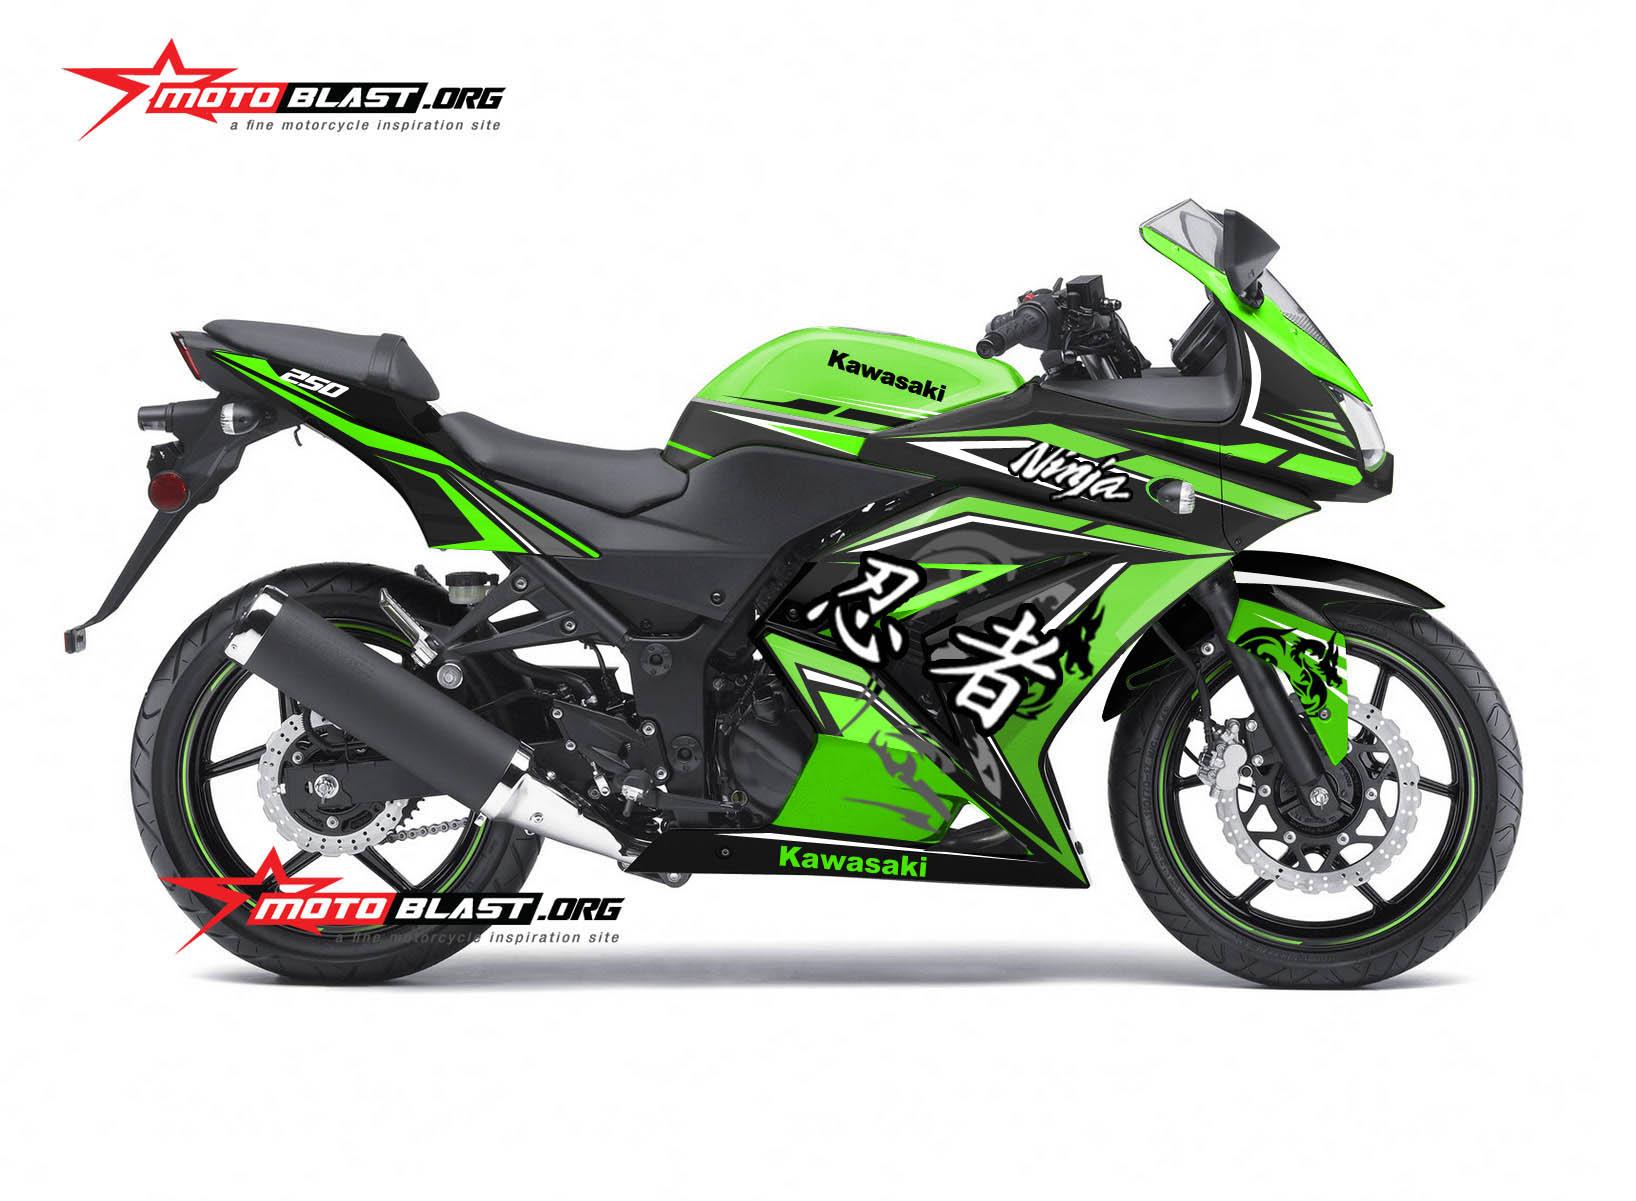 Modifikasi Striping Kawasaki Ninja 250r Karbu Green Dragon